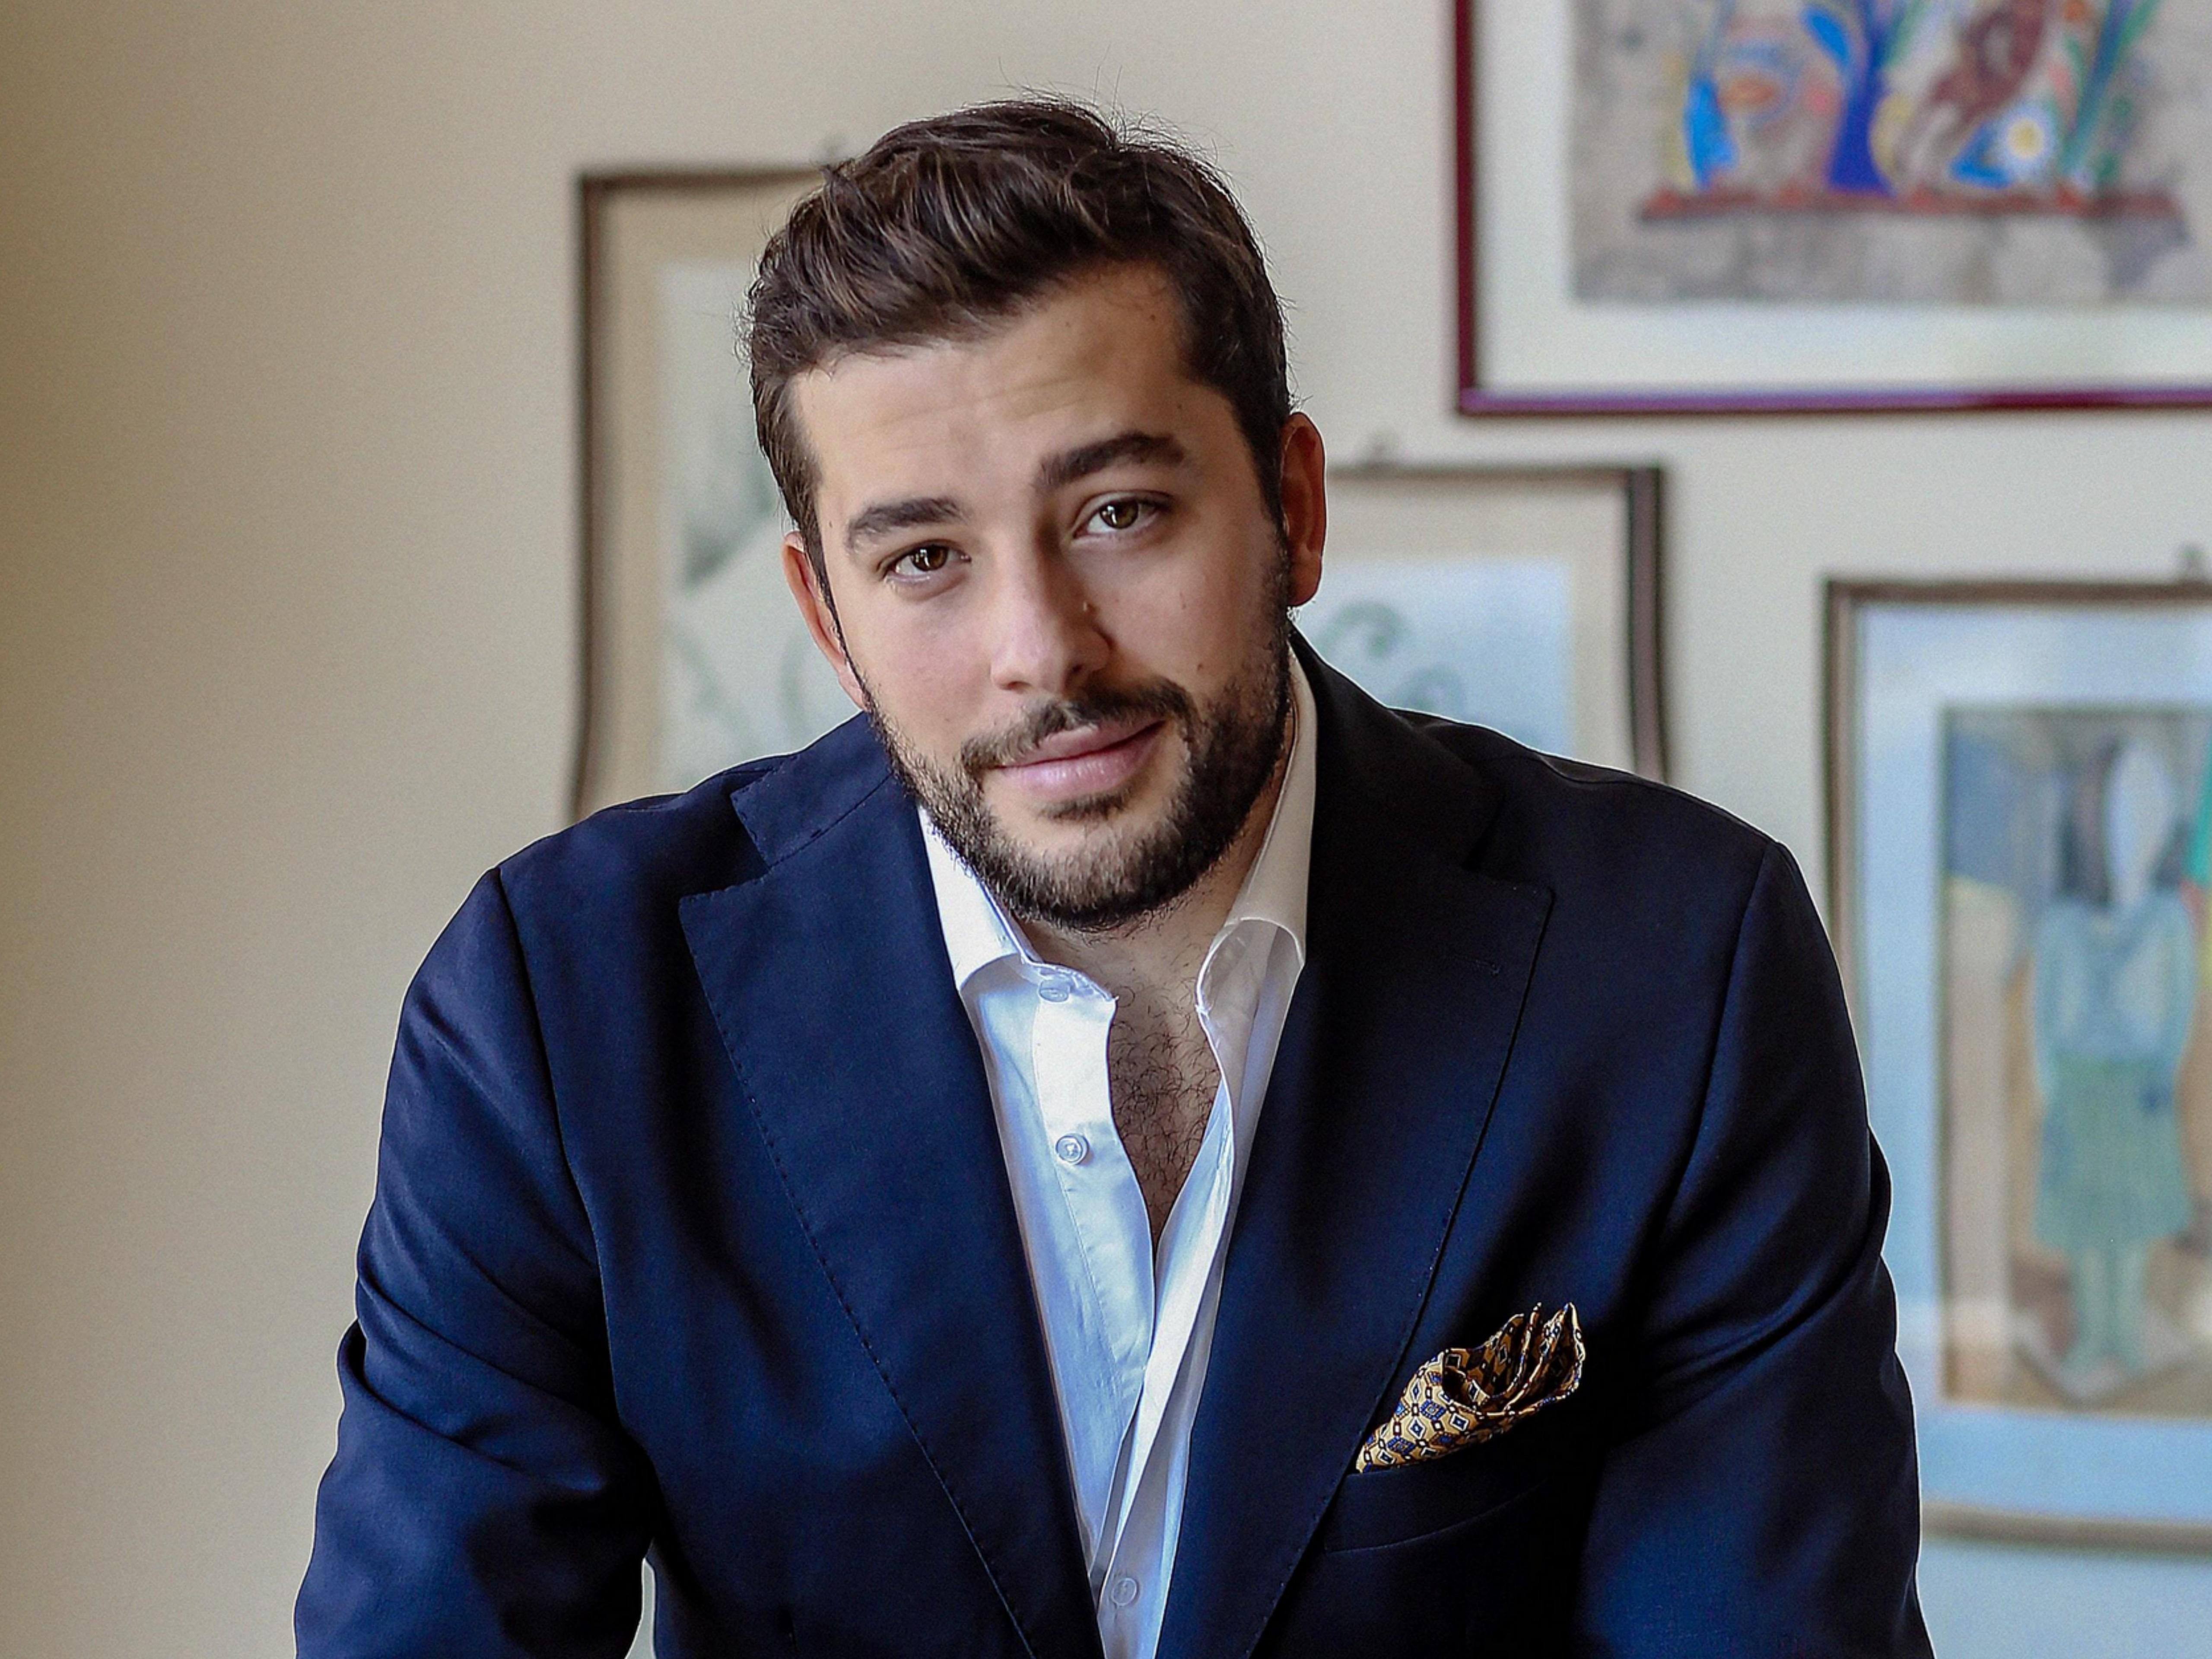 Pasquale D'Avino